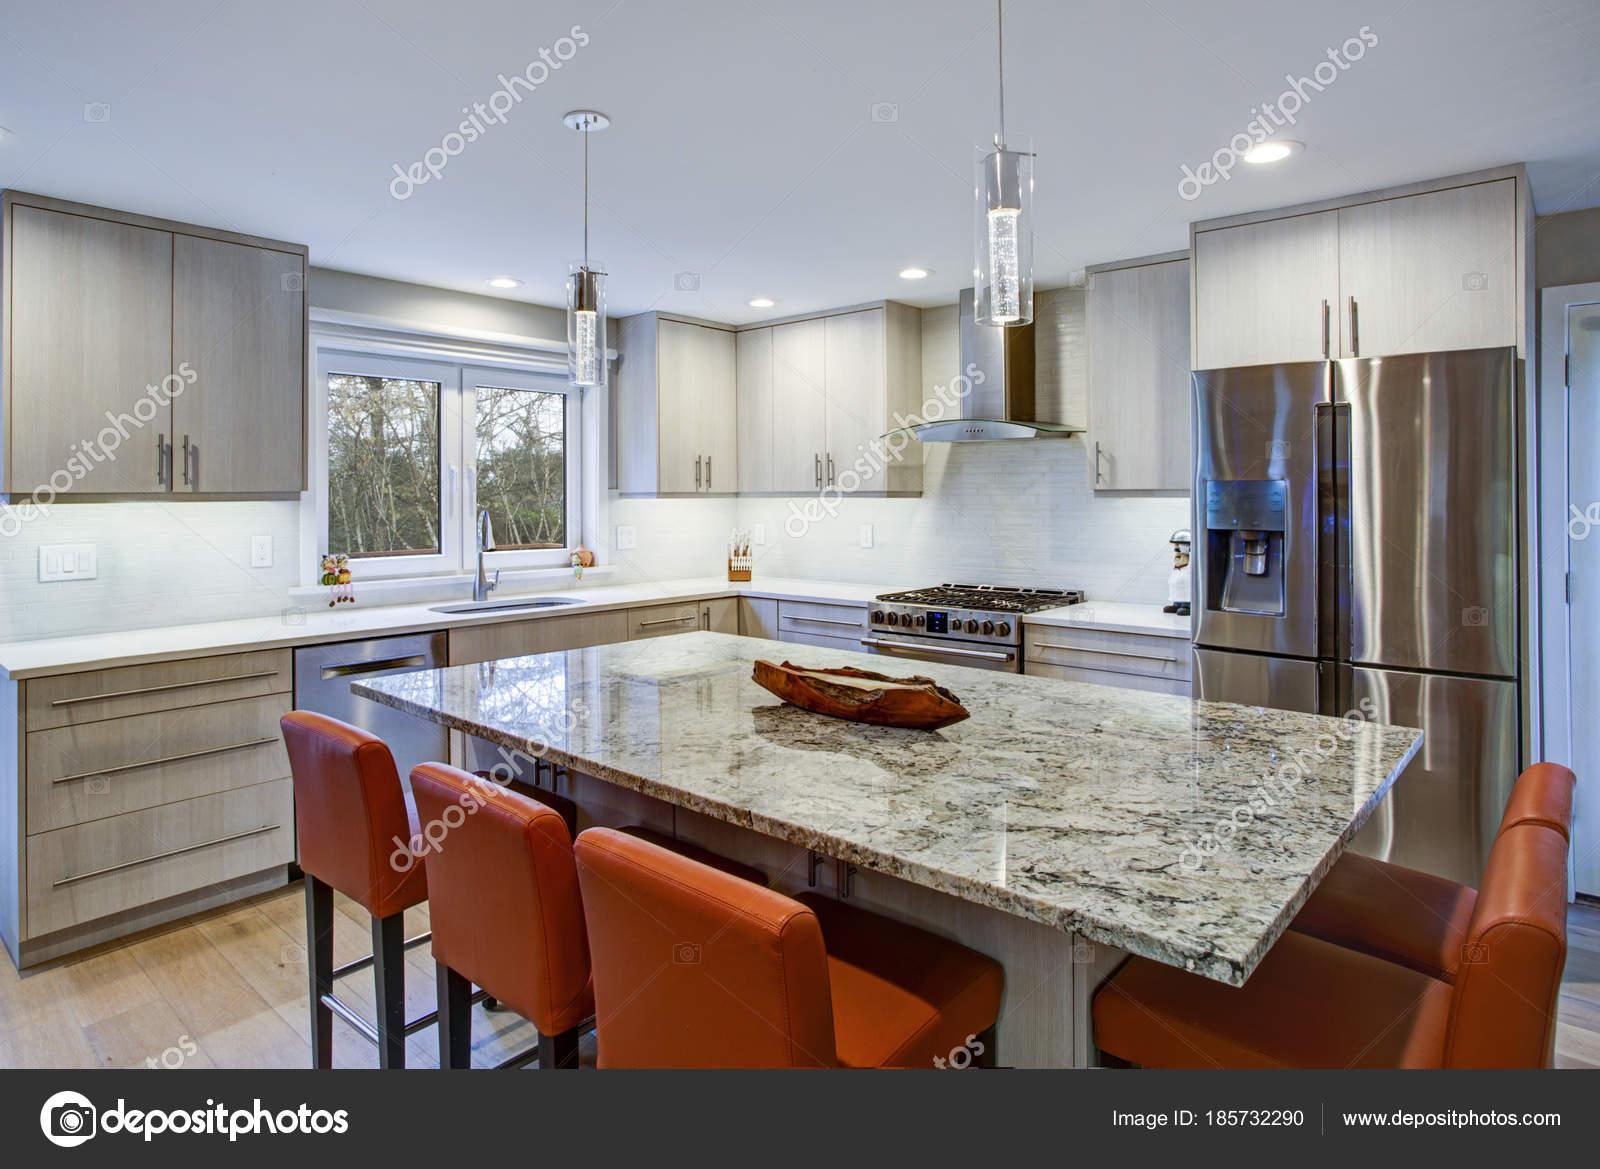 Schöne Küche mit Kochinsel — Stockfoto © alabn #185732290